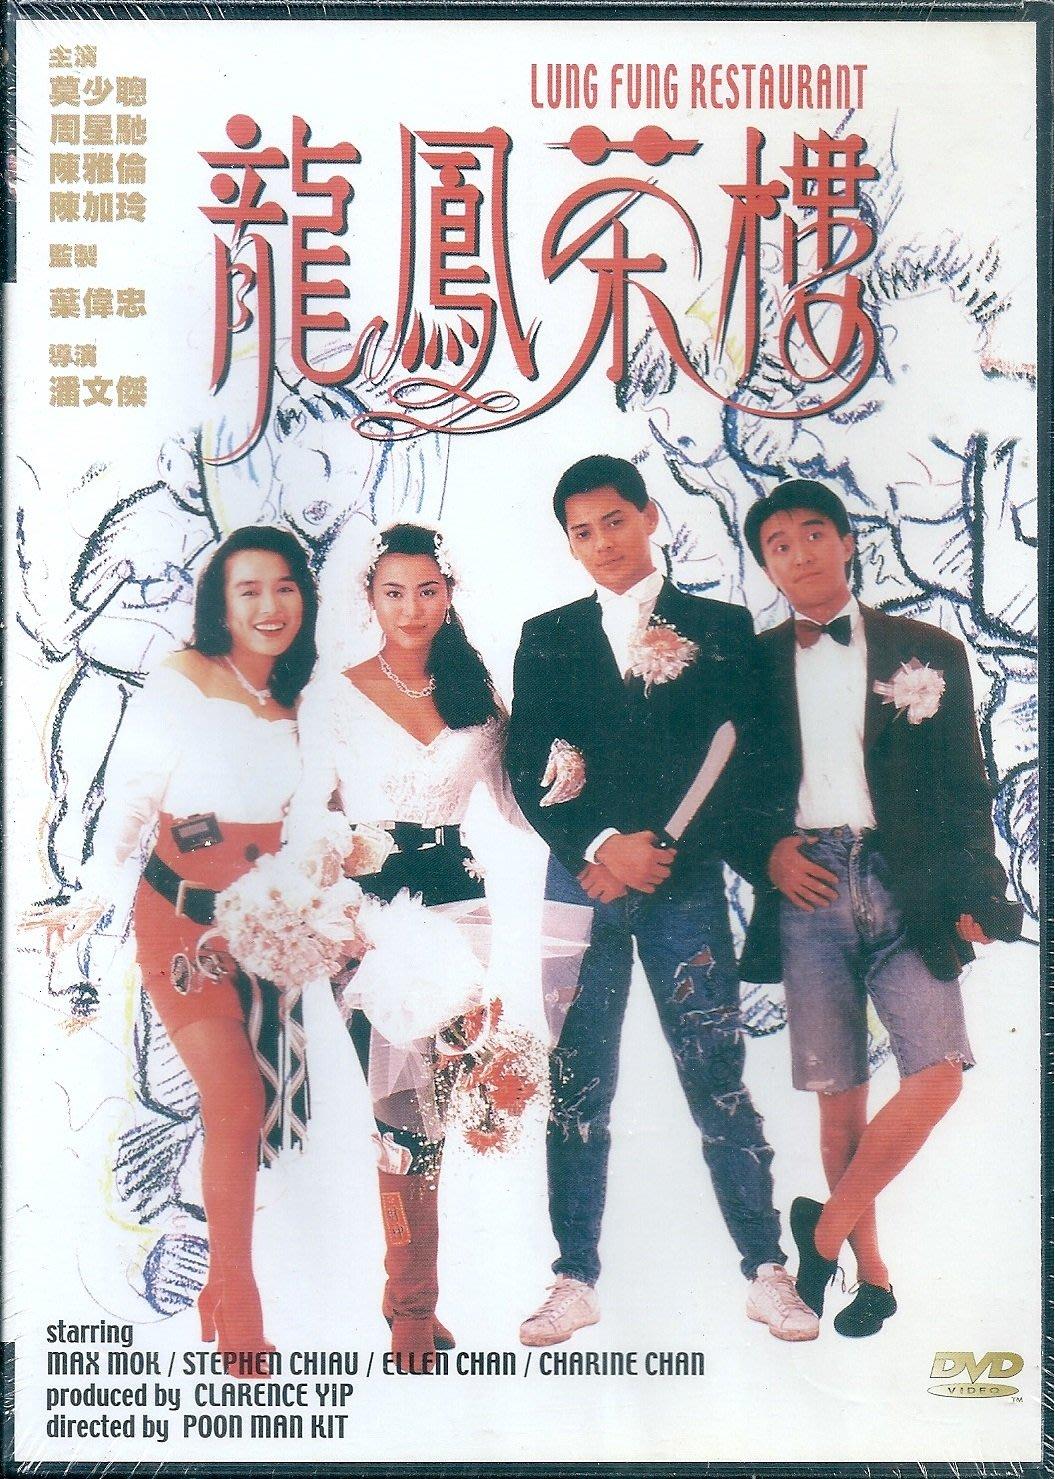 (  香港版 DVD,全新未拆封 ) 周星馳, 莫少聰,陳雅倫,陳嘉玲   : 龍鳳茶樓